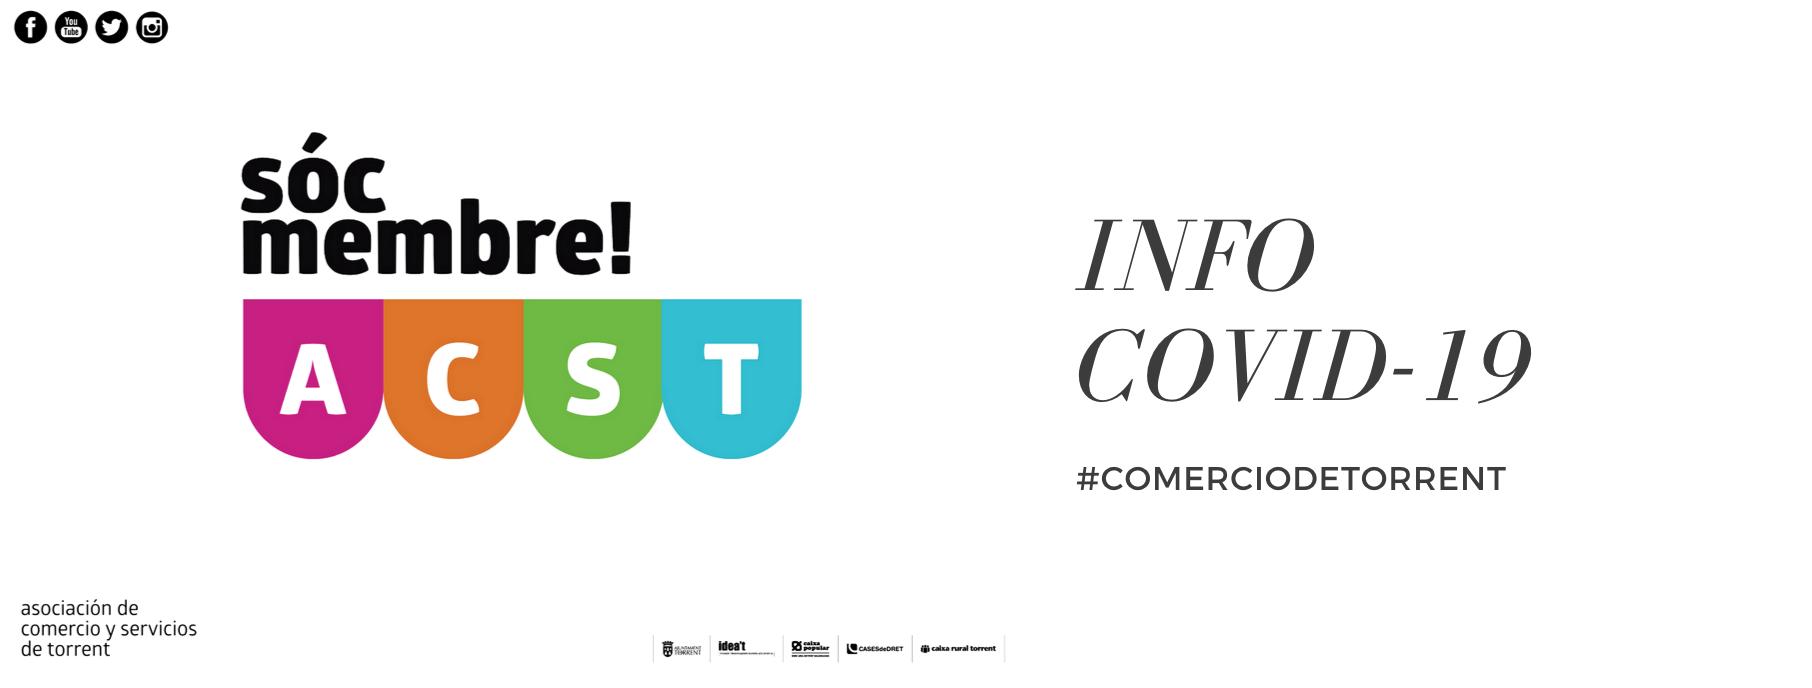 Nuevas Medidas contra Rebrotes del COVID-19 en los Comercios (Generalitat Valenciana) !!